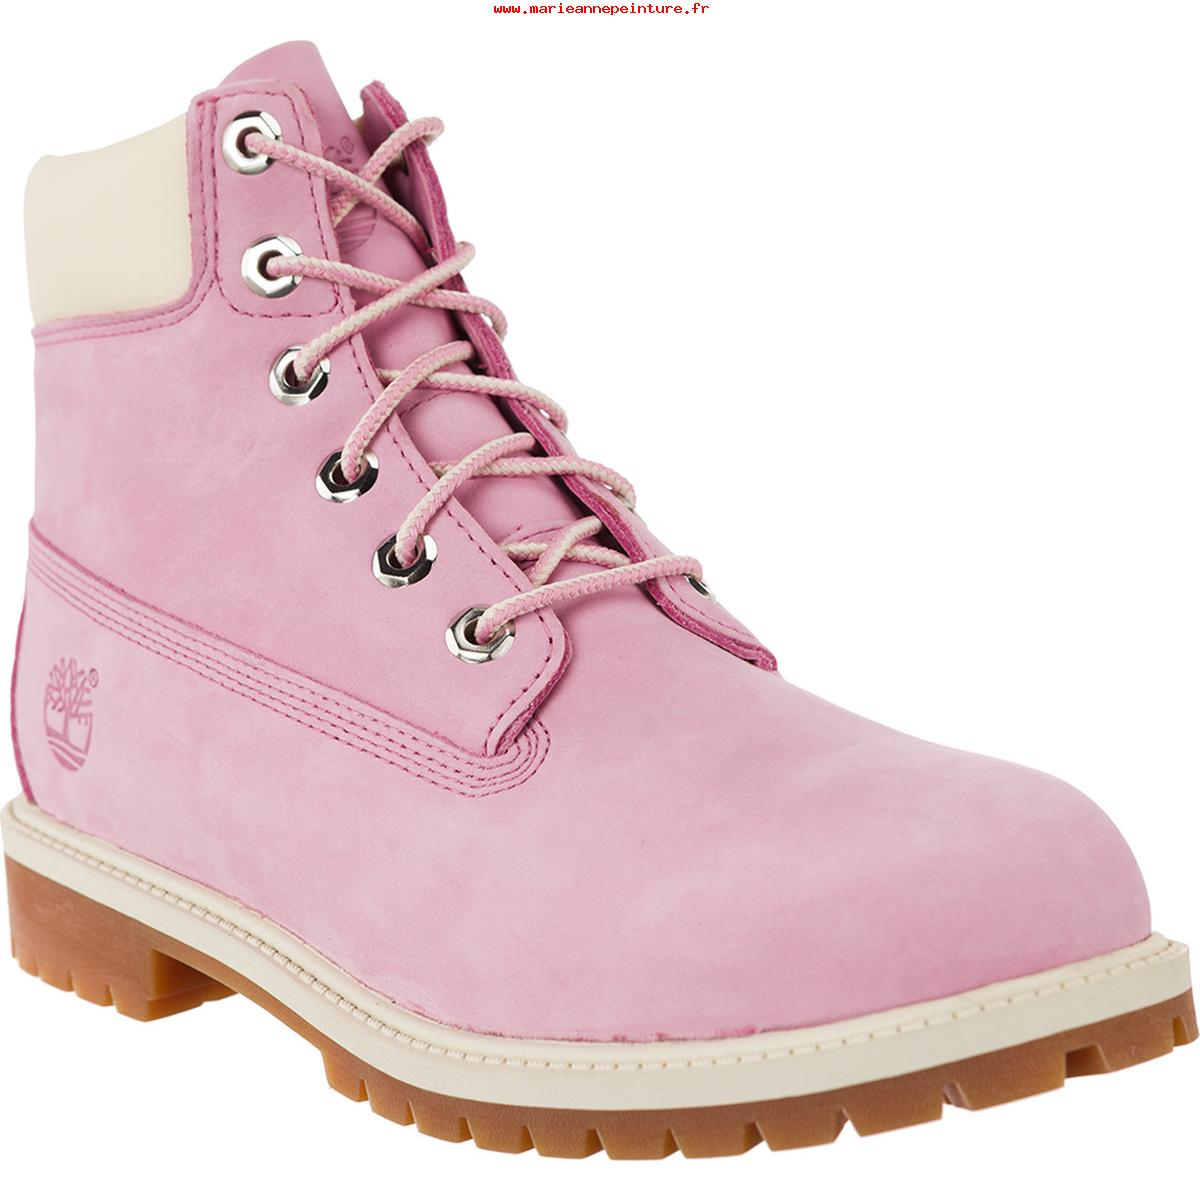 Chaussure : Ce que je vous recommande vivement pour acheter une paire de chaussures qui vous plaît